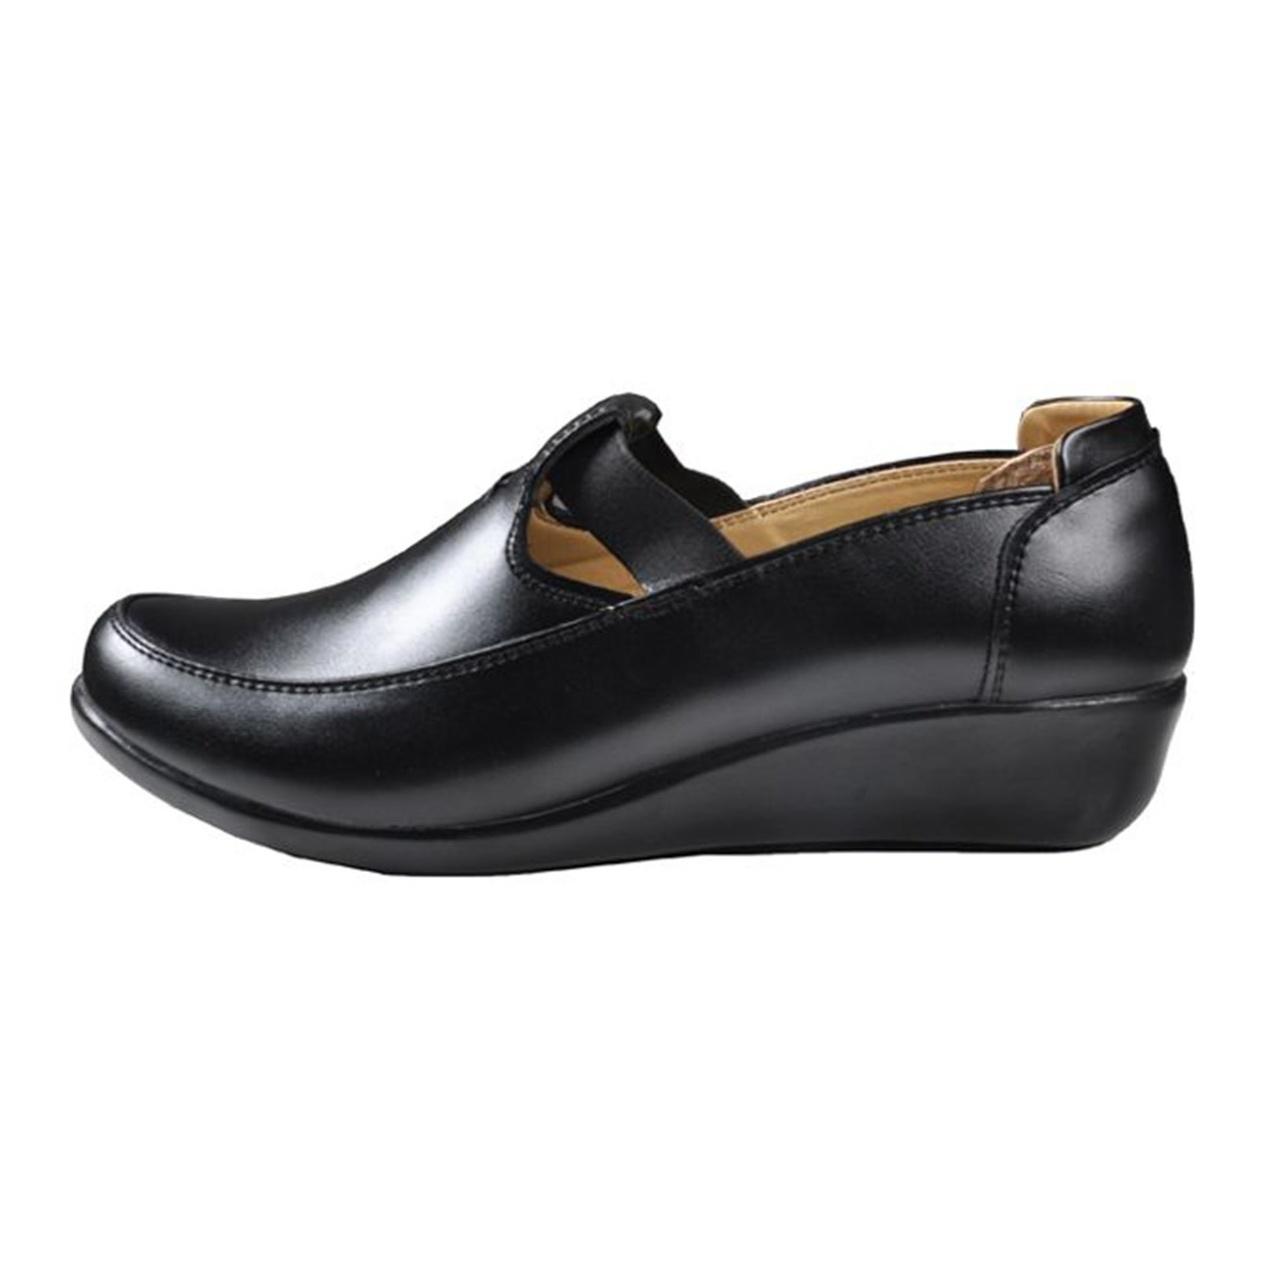 کفش چرم زنانه آریوان مدل ARZ501M